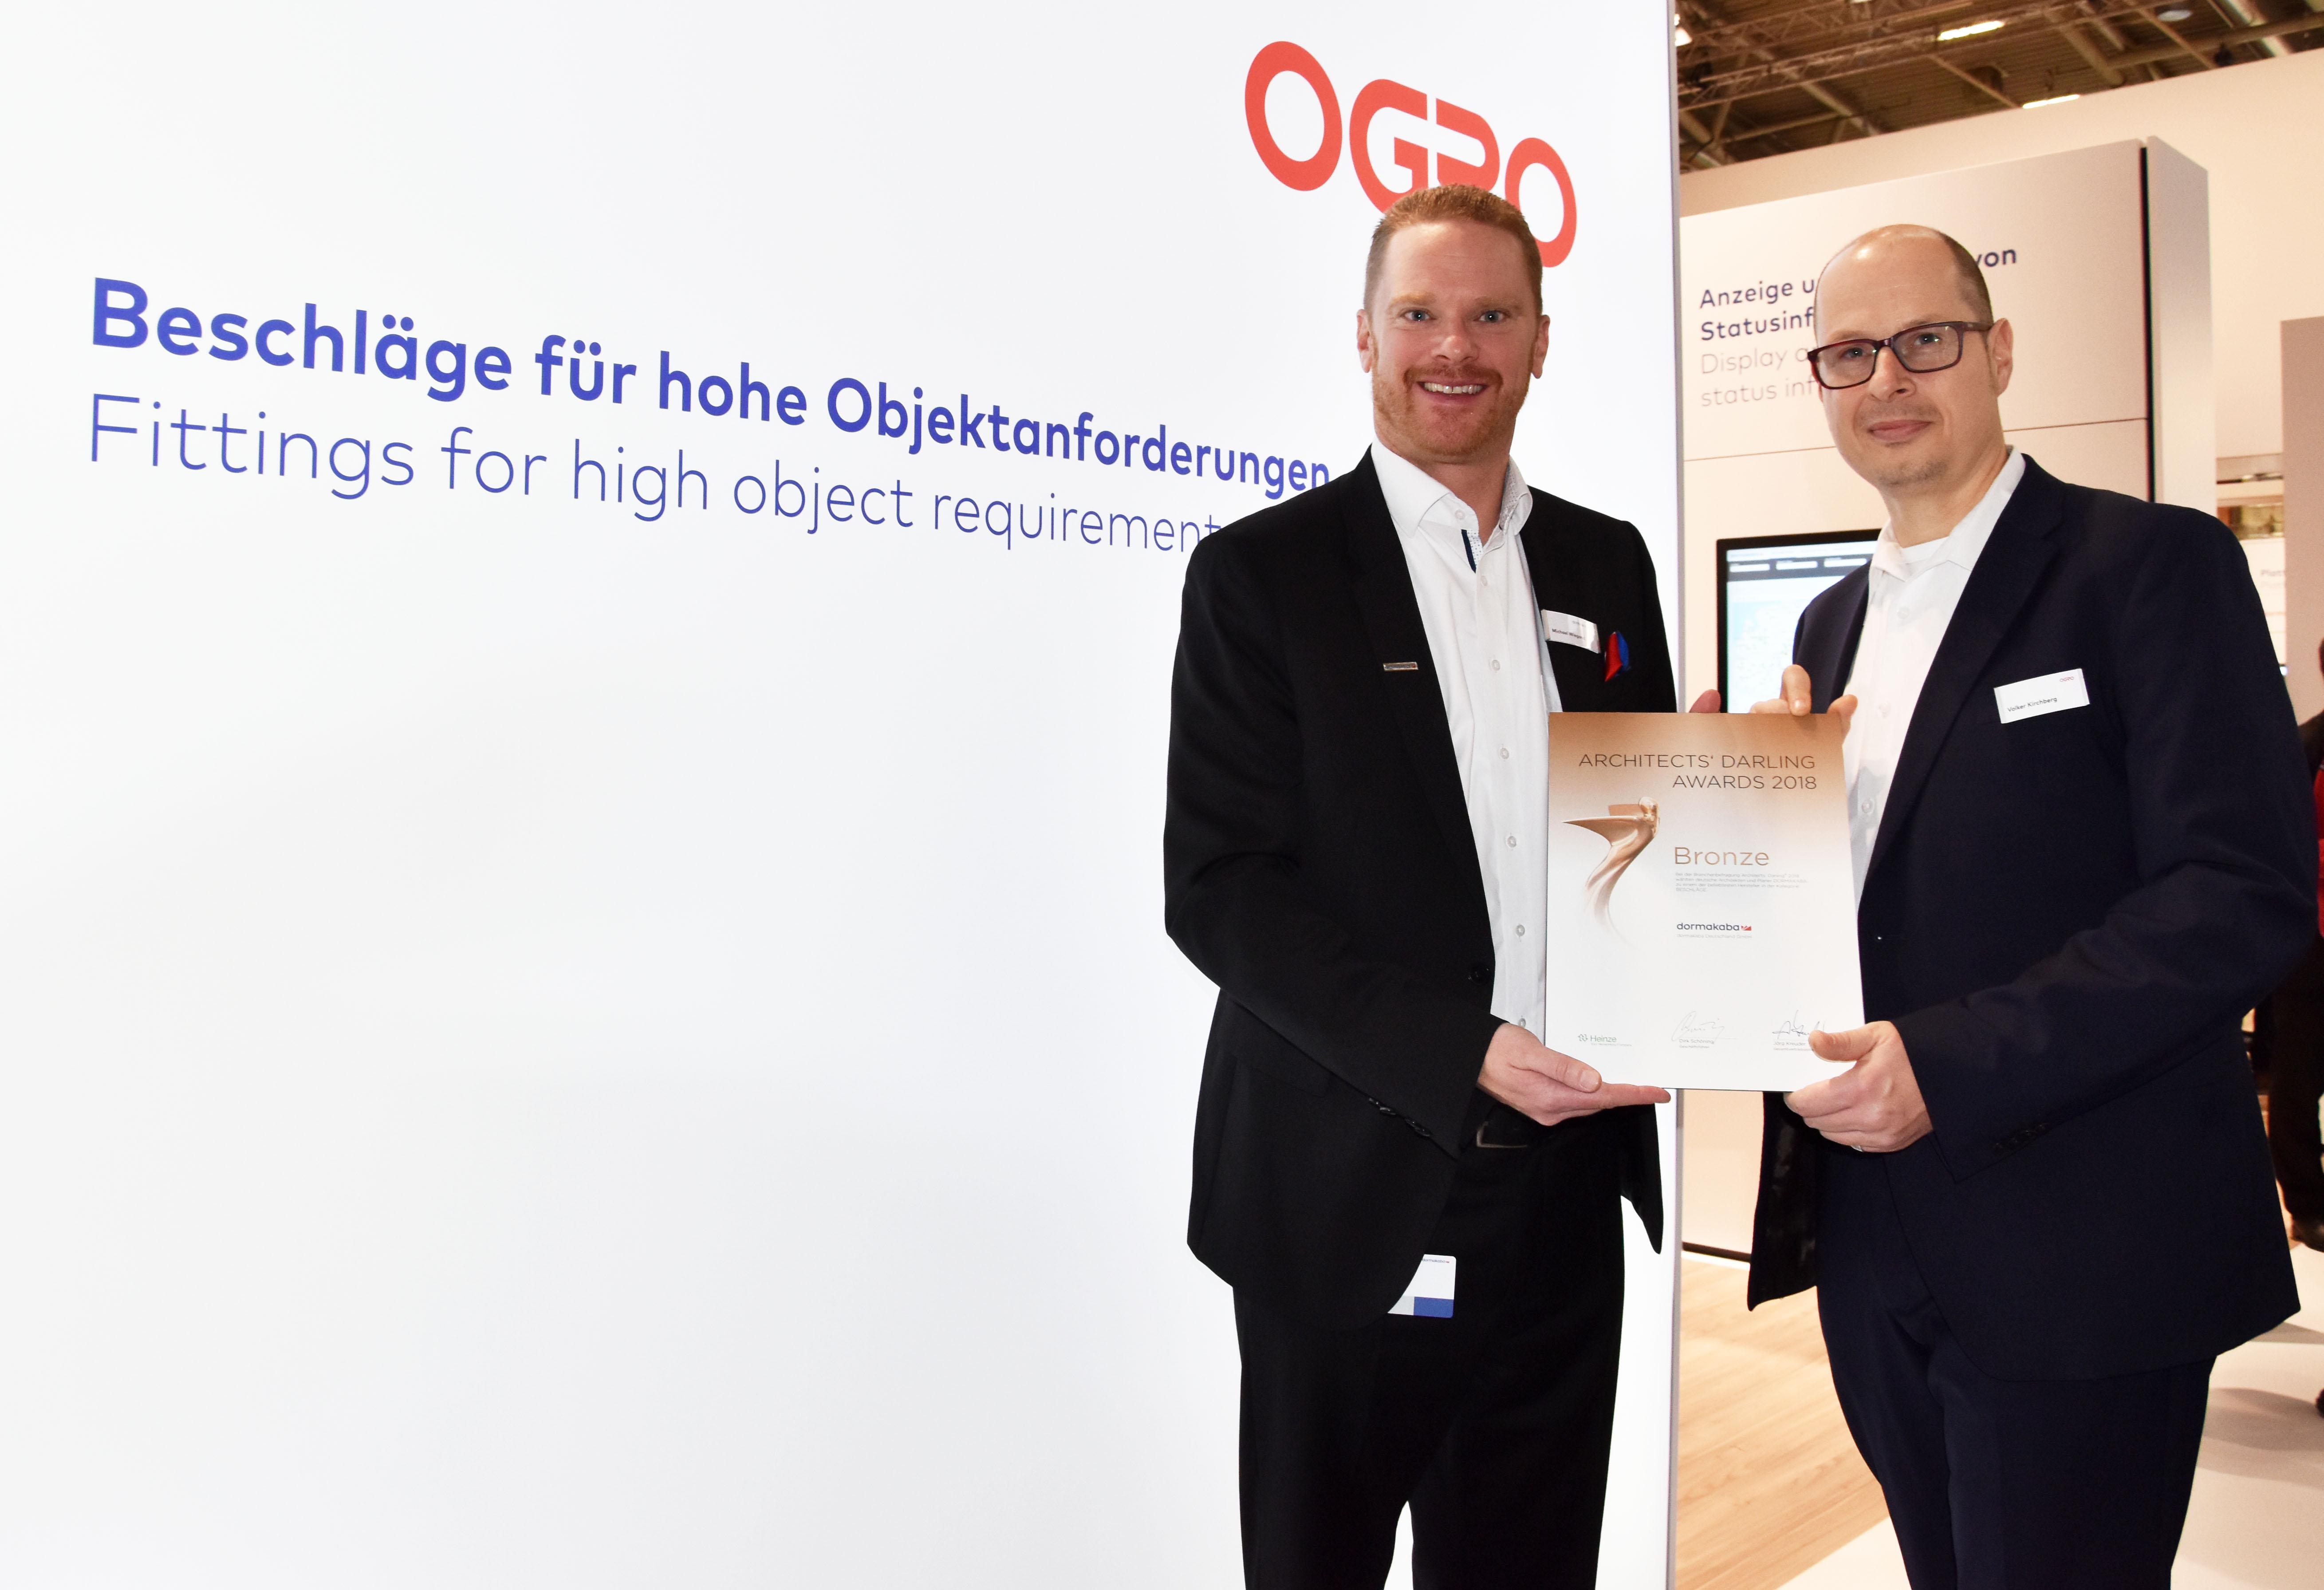 Michael Wiegand übergibt Volker Kirchberg den Preis auf der BAU 2019, Foto: OGRO Beschlagtechnik GmbH